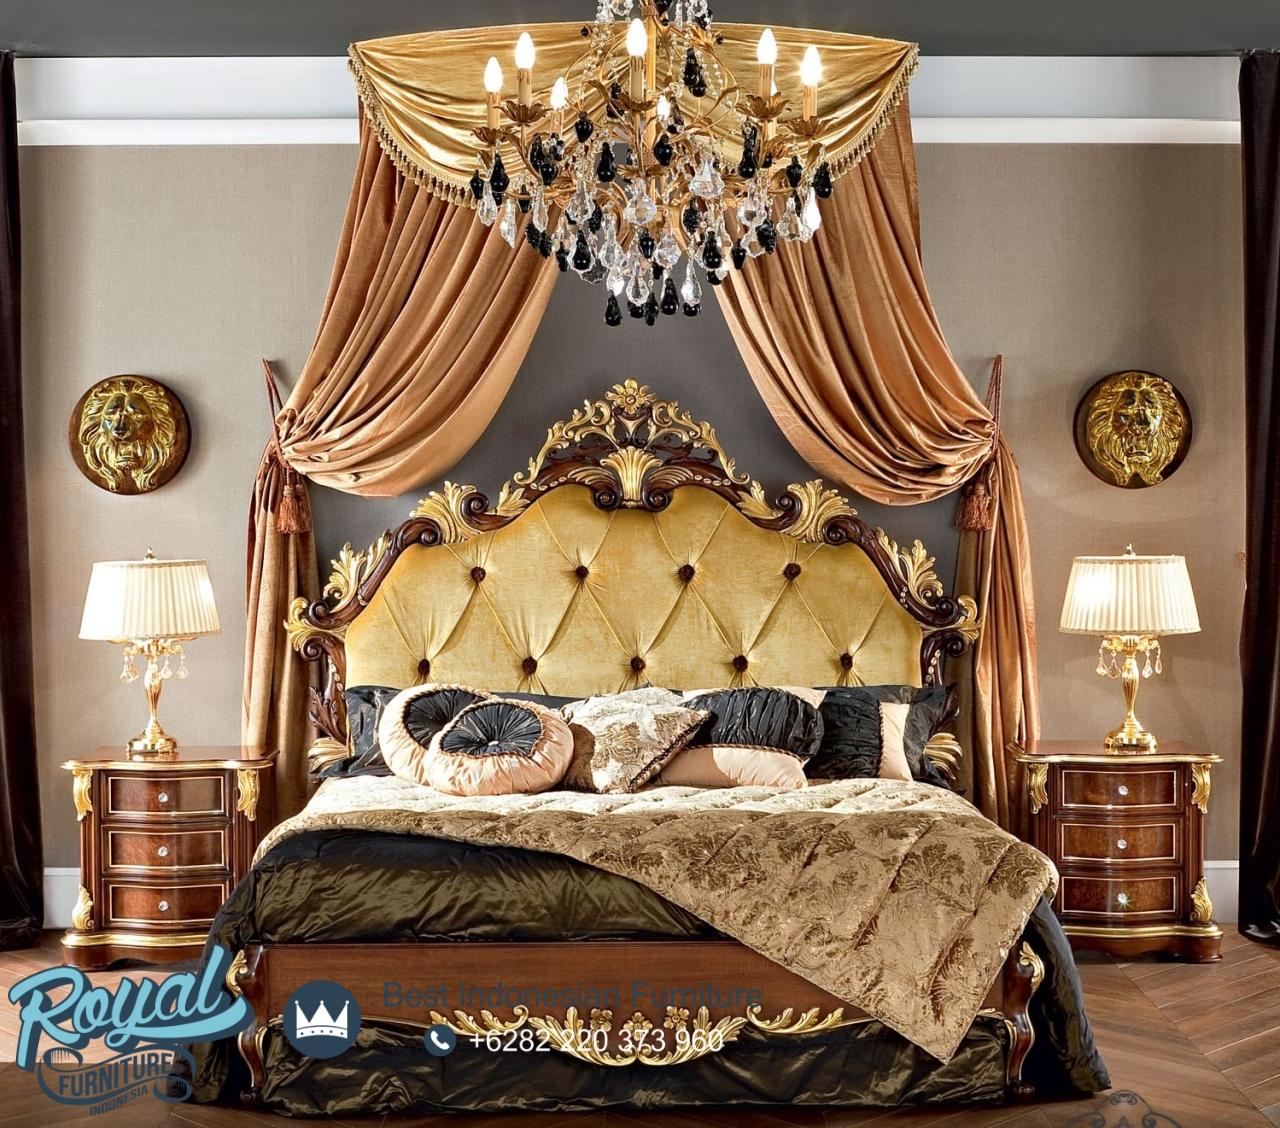 Tempat Tidur luxury Classic Kayu Jati Ukir Jepara Bella Vita, Harga Tempat Tidur Jati Satu Set, Tempat Tidur Mewah Modern, Harga tempat Tidur Mewah Modern, Tempat Tidur Jepara Terbaru, Tempat Tidur Ukiran Kayu Jati, Tempat Tidur Kayu Jati Mewah, Jual Tempat Tidur Ukir Jepara, Tempat Tidur Mewah, Dipan Ukir Jepara Terbaru, Ranjang Jati Ukir Jepara, Model Tempat Tidur Jepara Terbaru 2021, Desain Kamar Tidur Mewah Modern, Kamar Set Mewah, Set Kamar Mewah Klasik Eropa, Kamar Set Pengantin Mewah, Set Kamar Tidur Mewah Elegan, Kamar Tidur Set Ukiran Jepara, Gambar Interior Set Kamar Tidur Mewah, Bedroom Luxury Classic, Bedroom Modern, Mebel Jepara, Furniture Jepara, Toko Furniture Jepara, Jual Mebel Jepara, Pusat Furniture Jepara, Royal Furniture